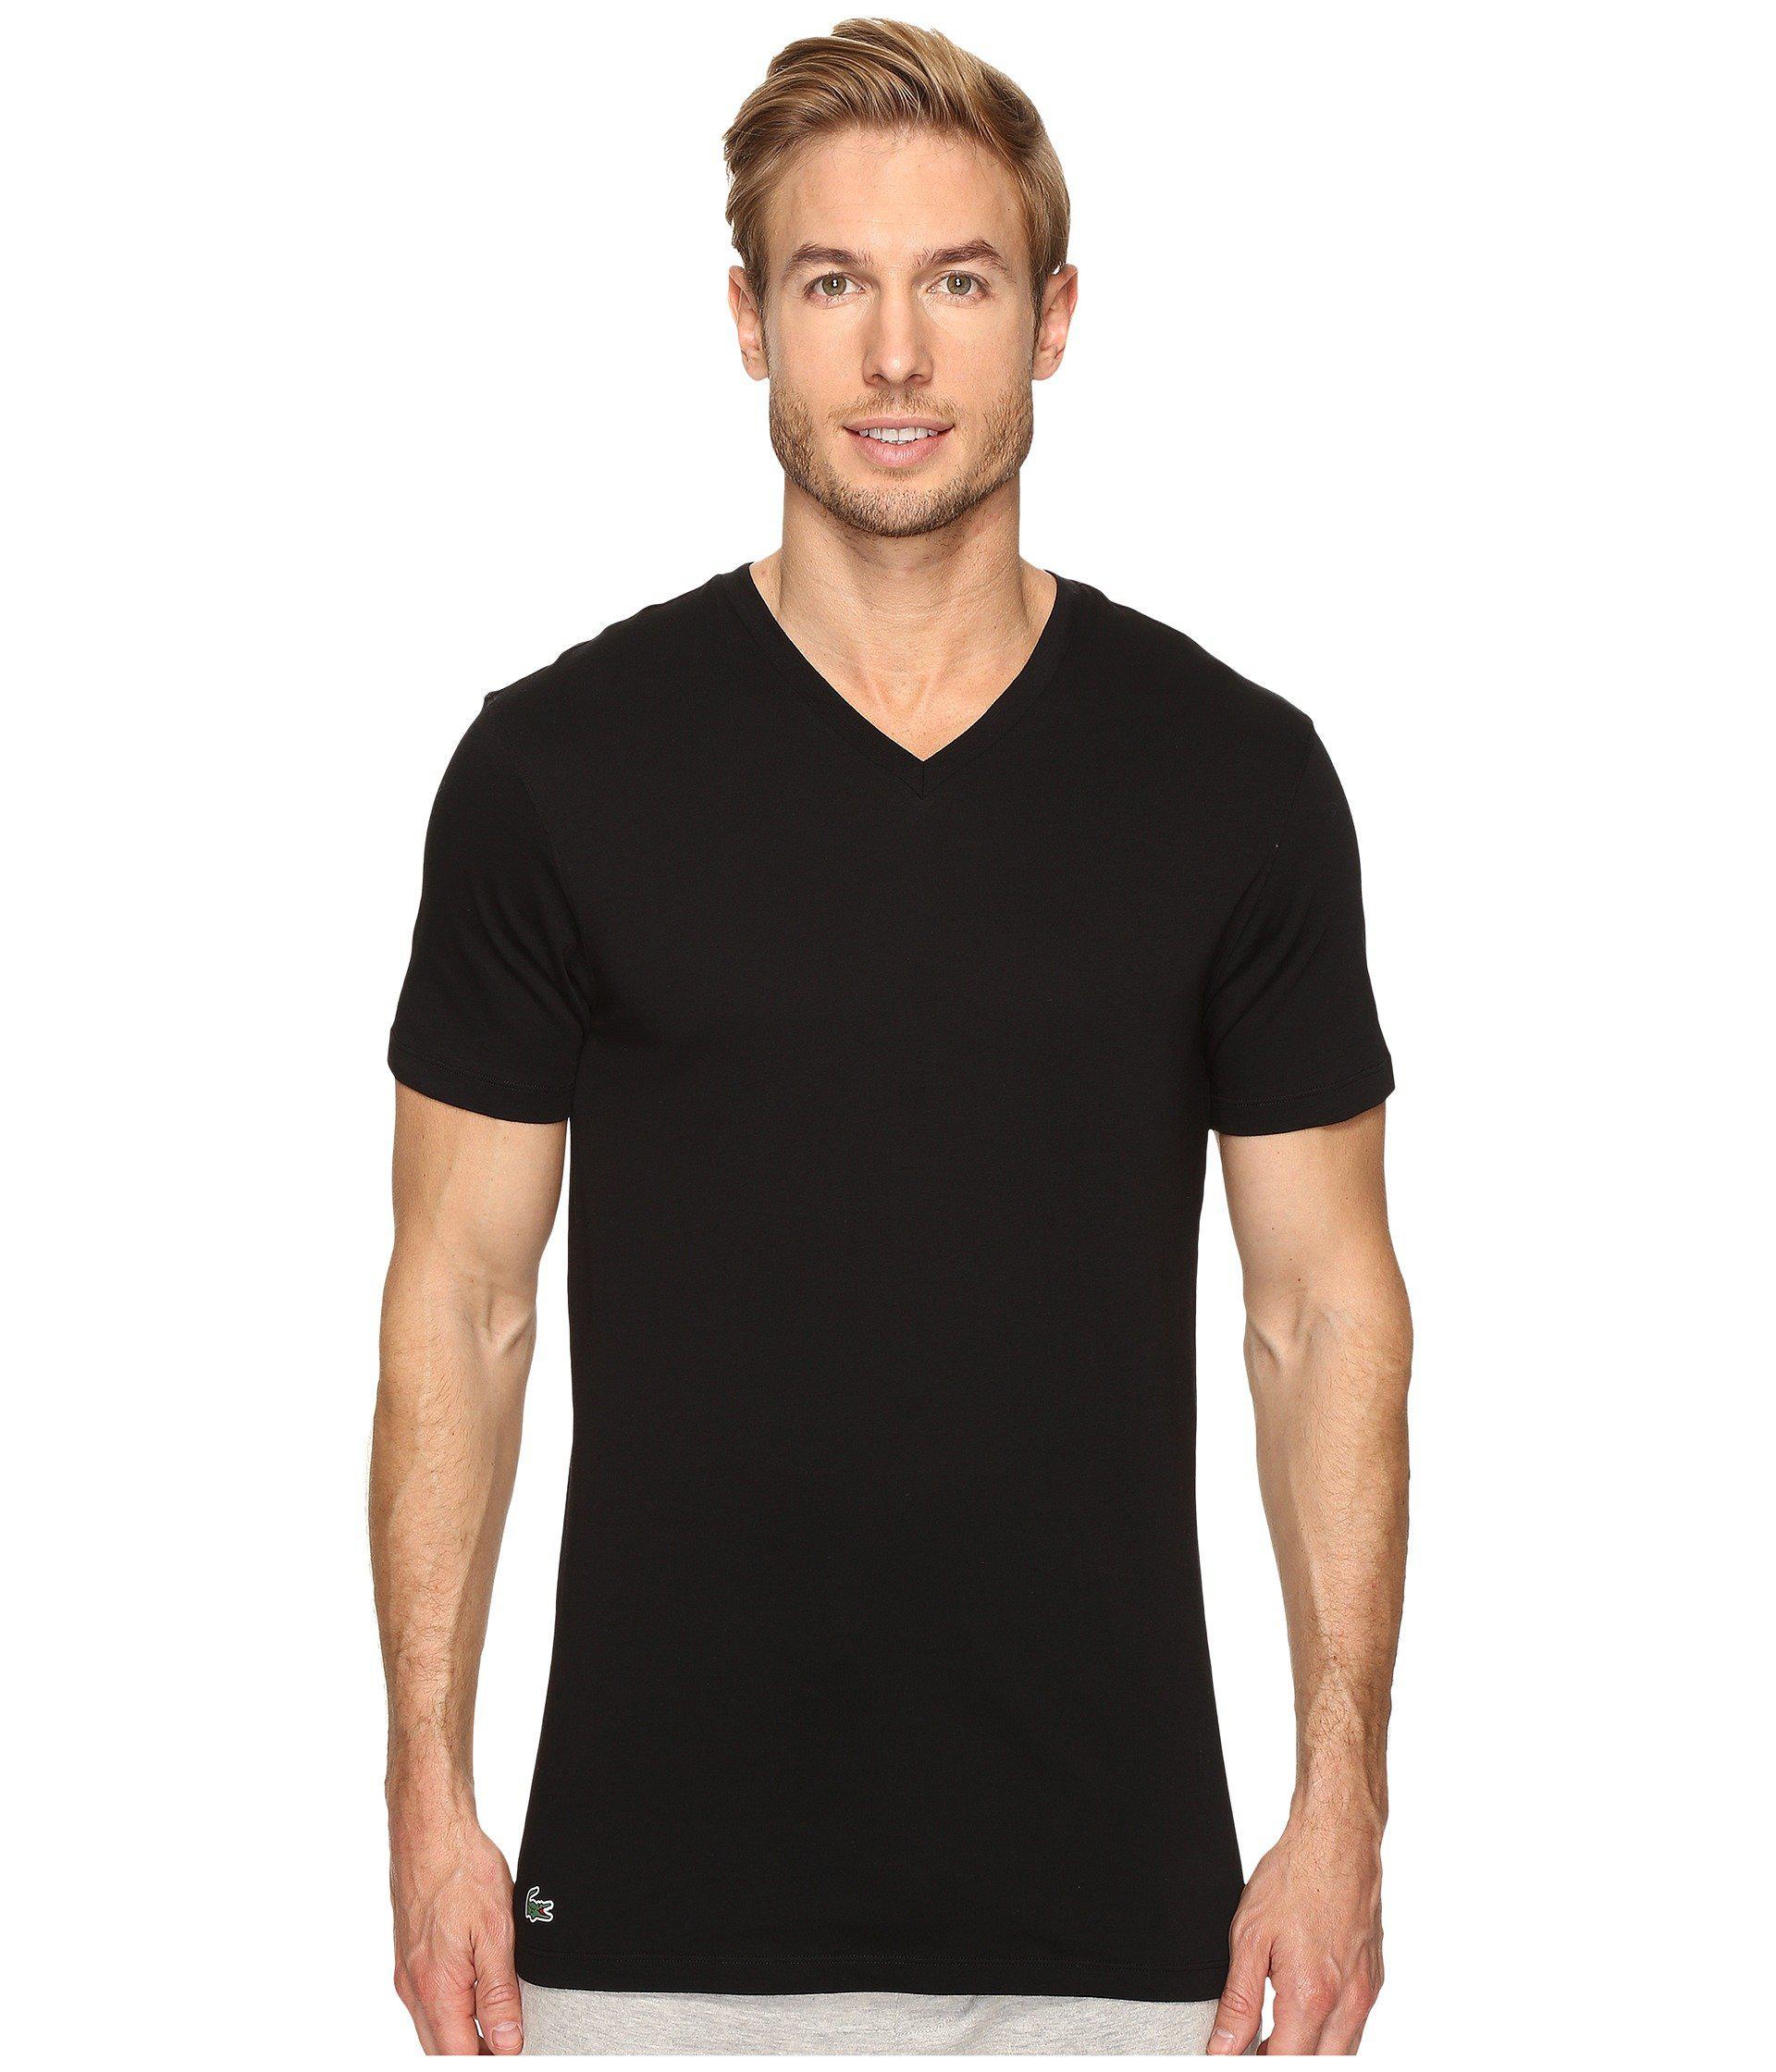 a56138c4 Lyst - Lacoste Essentials 3-pack V-neck Tee (black) Men's Underwear ...